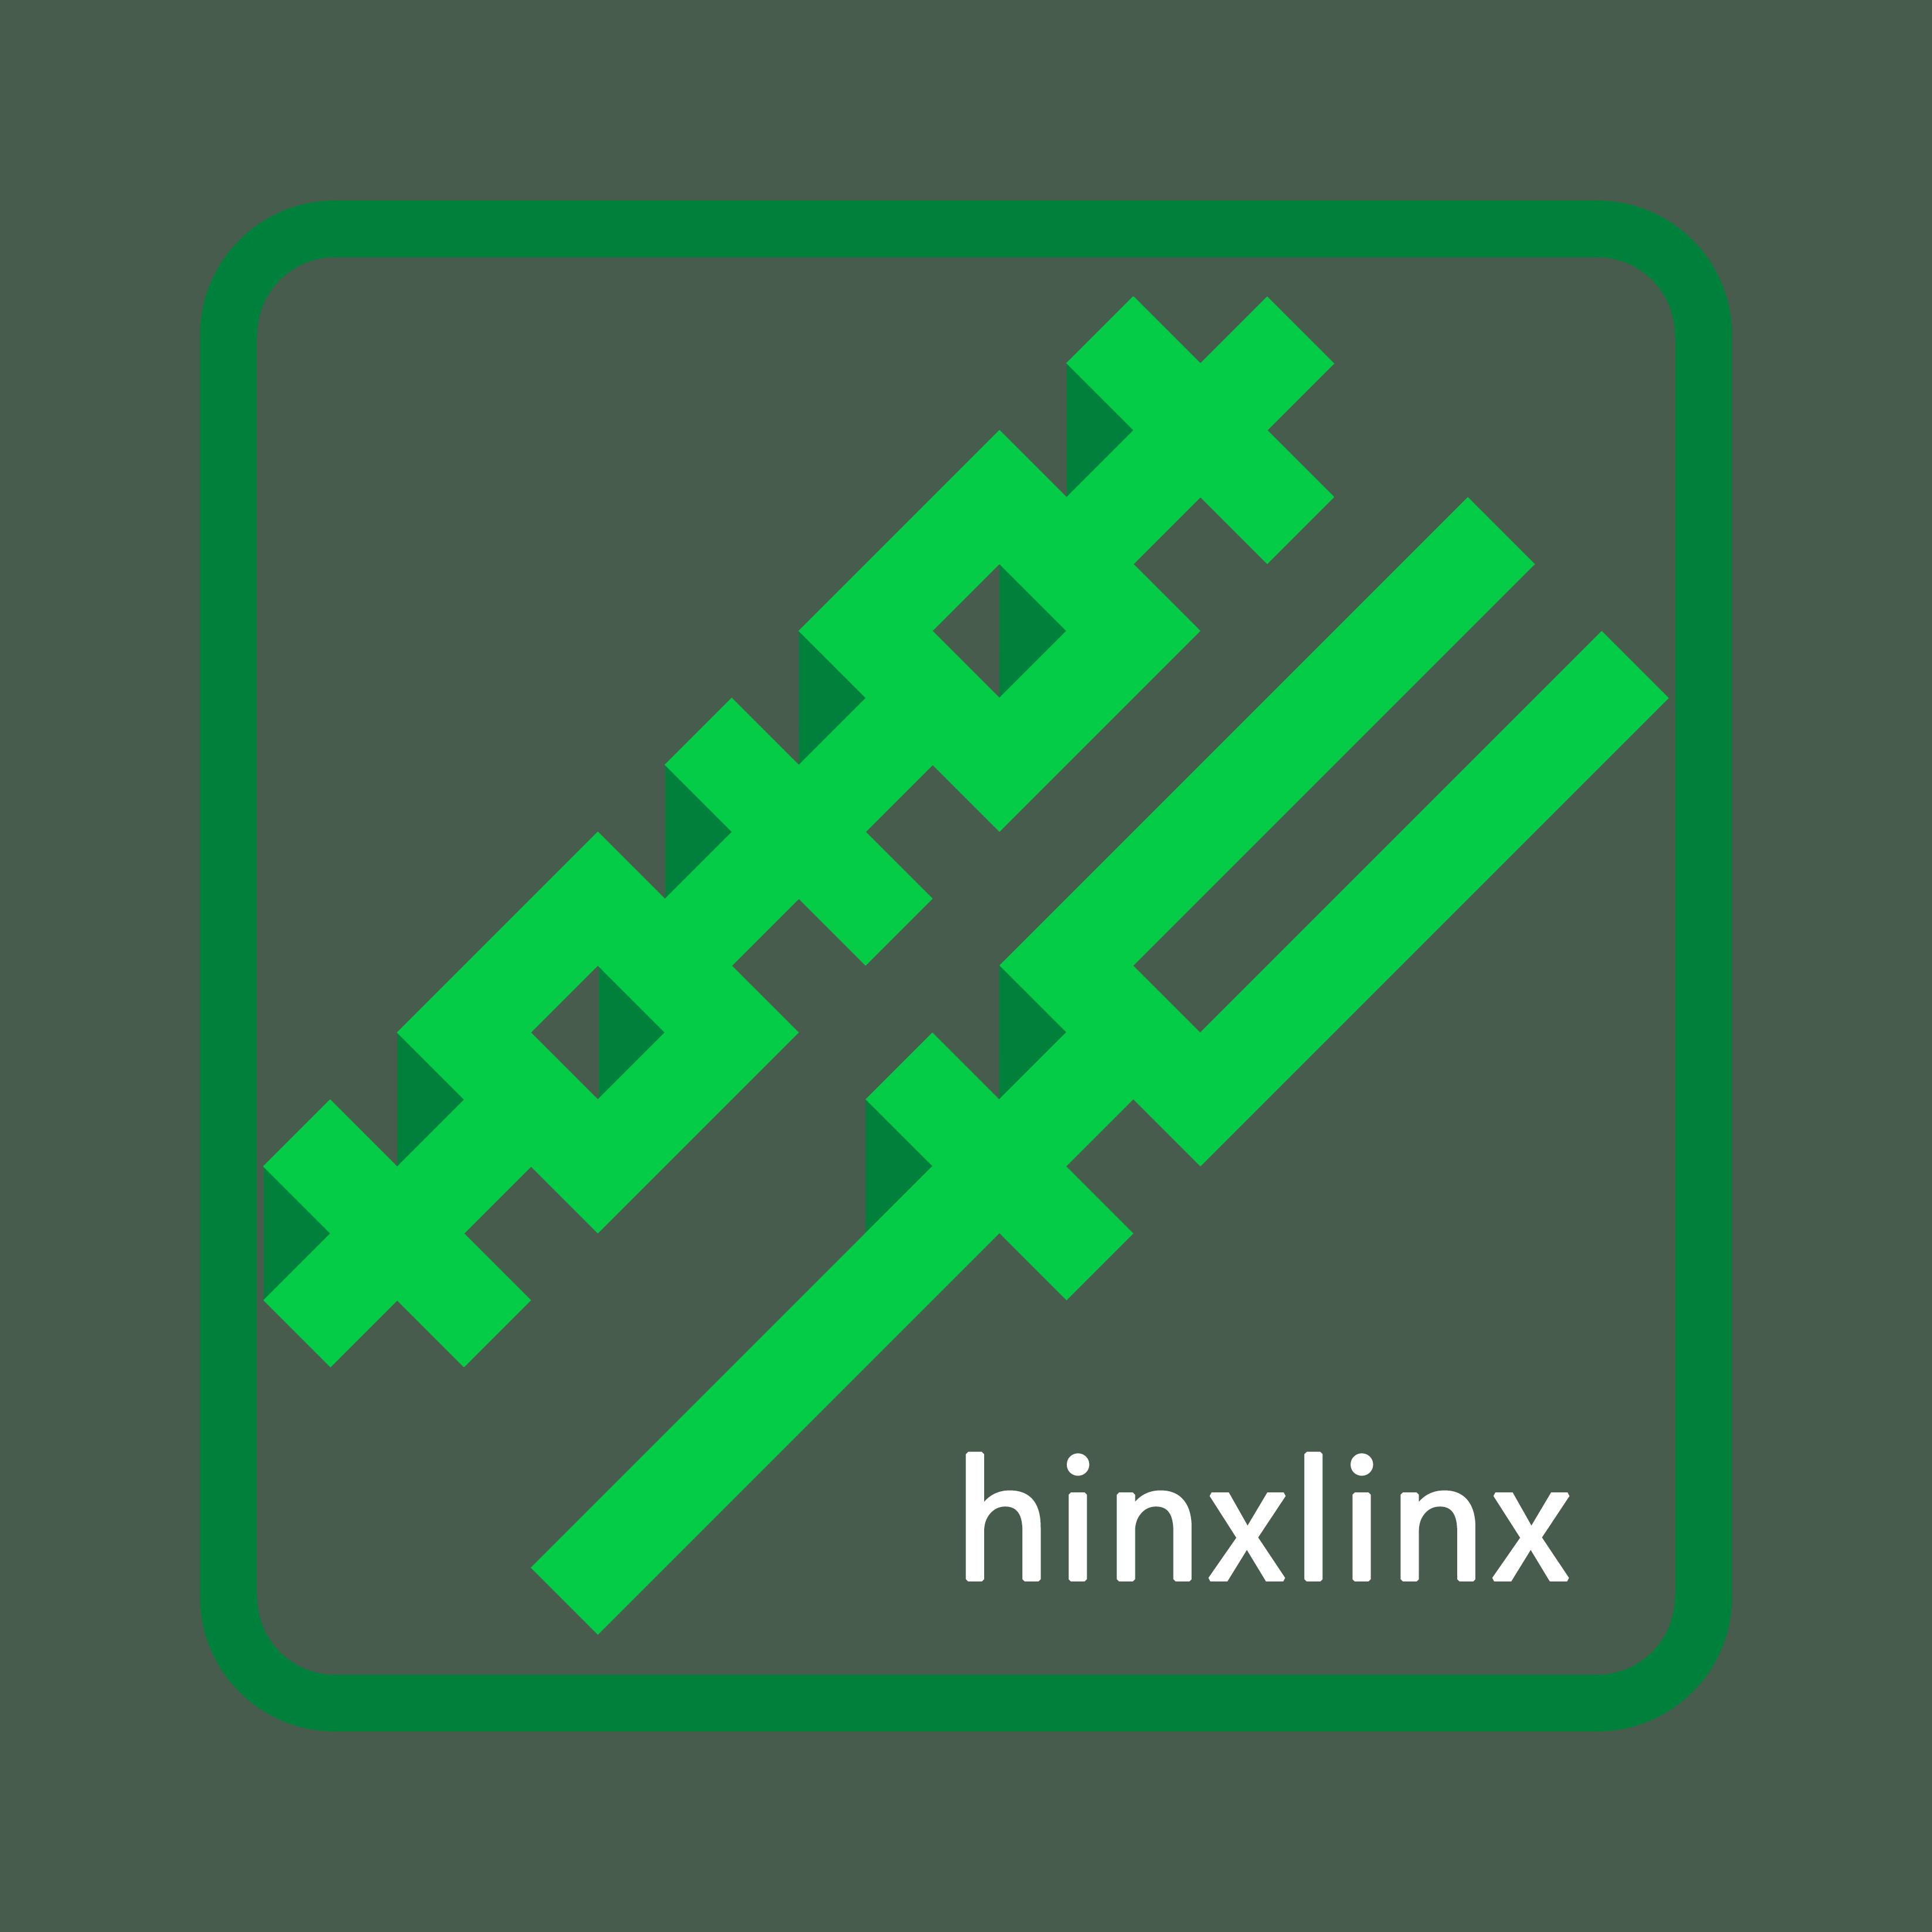 hinxlinx DeviantArt Avatar 2019 IV